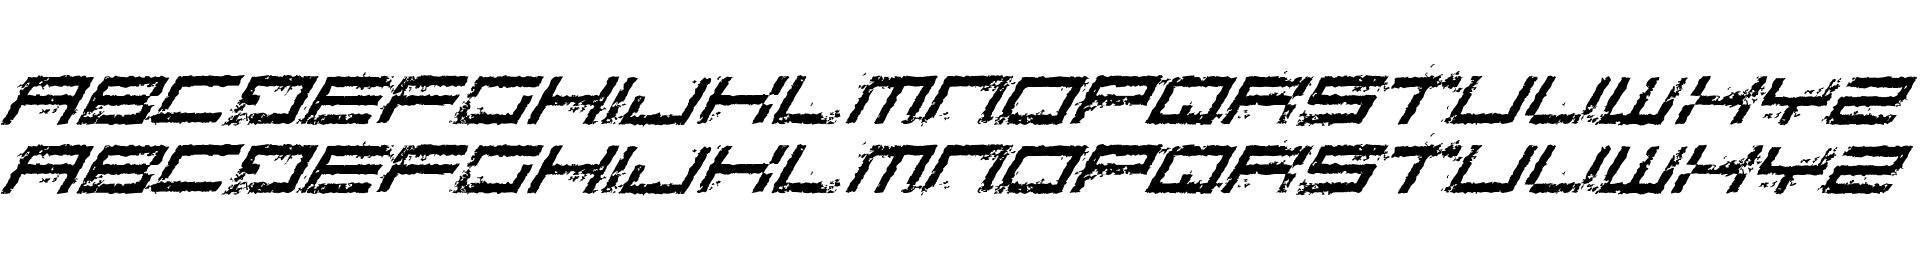 Rusting Robotica Italic